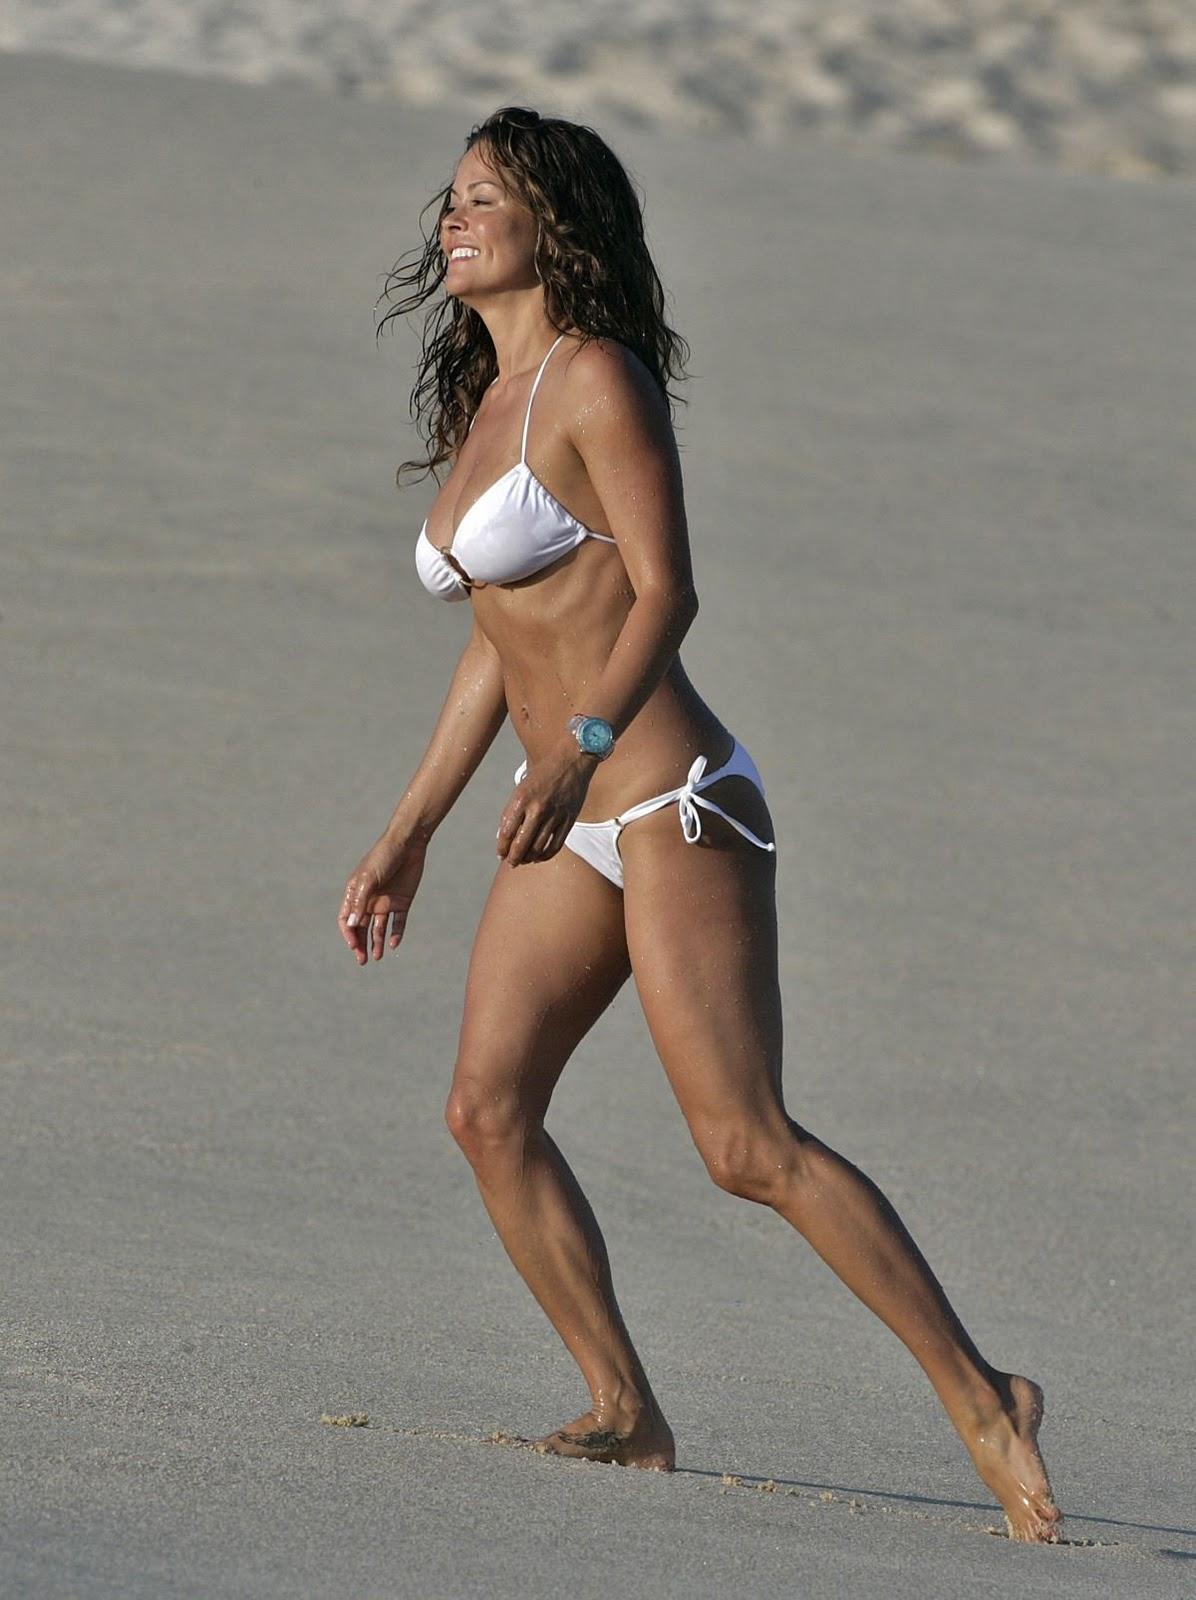 http://1.bp.blogspot.com/_pGTlBw_z2AM/TJ-7yco9MBI/AAAAAAAAAdk/4zEzJypZaV8/s1600/brooke-burke-bikini-02+(qguapas.blogspot.com).jpg